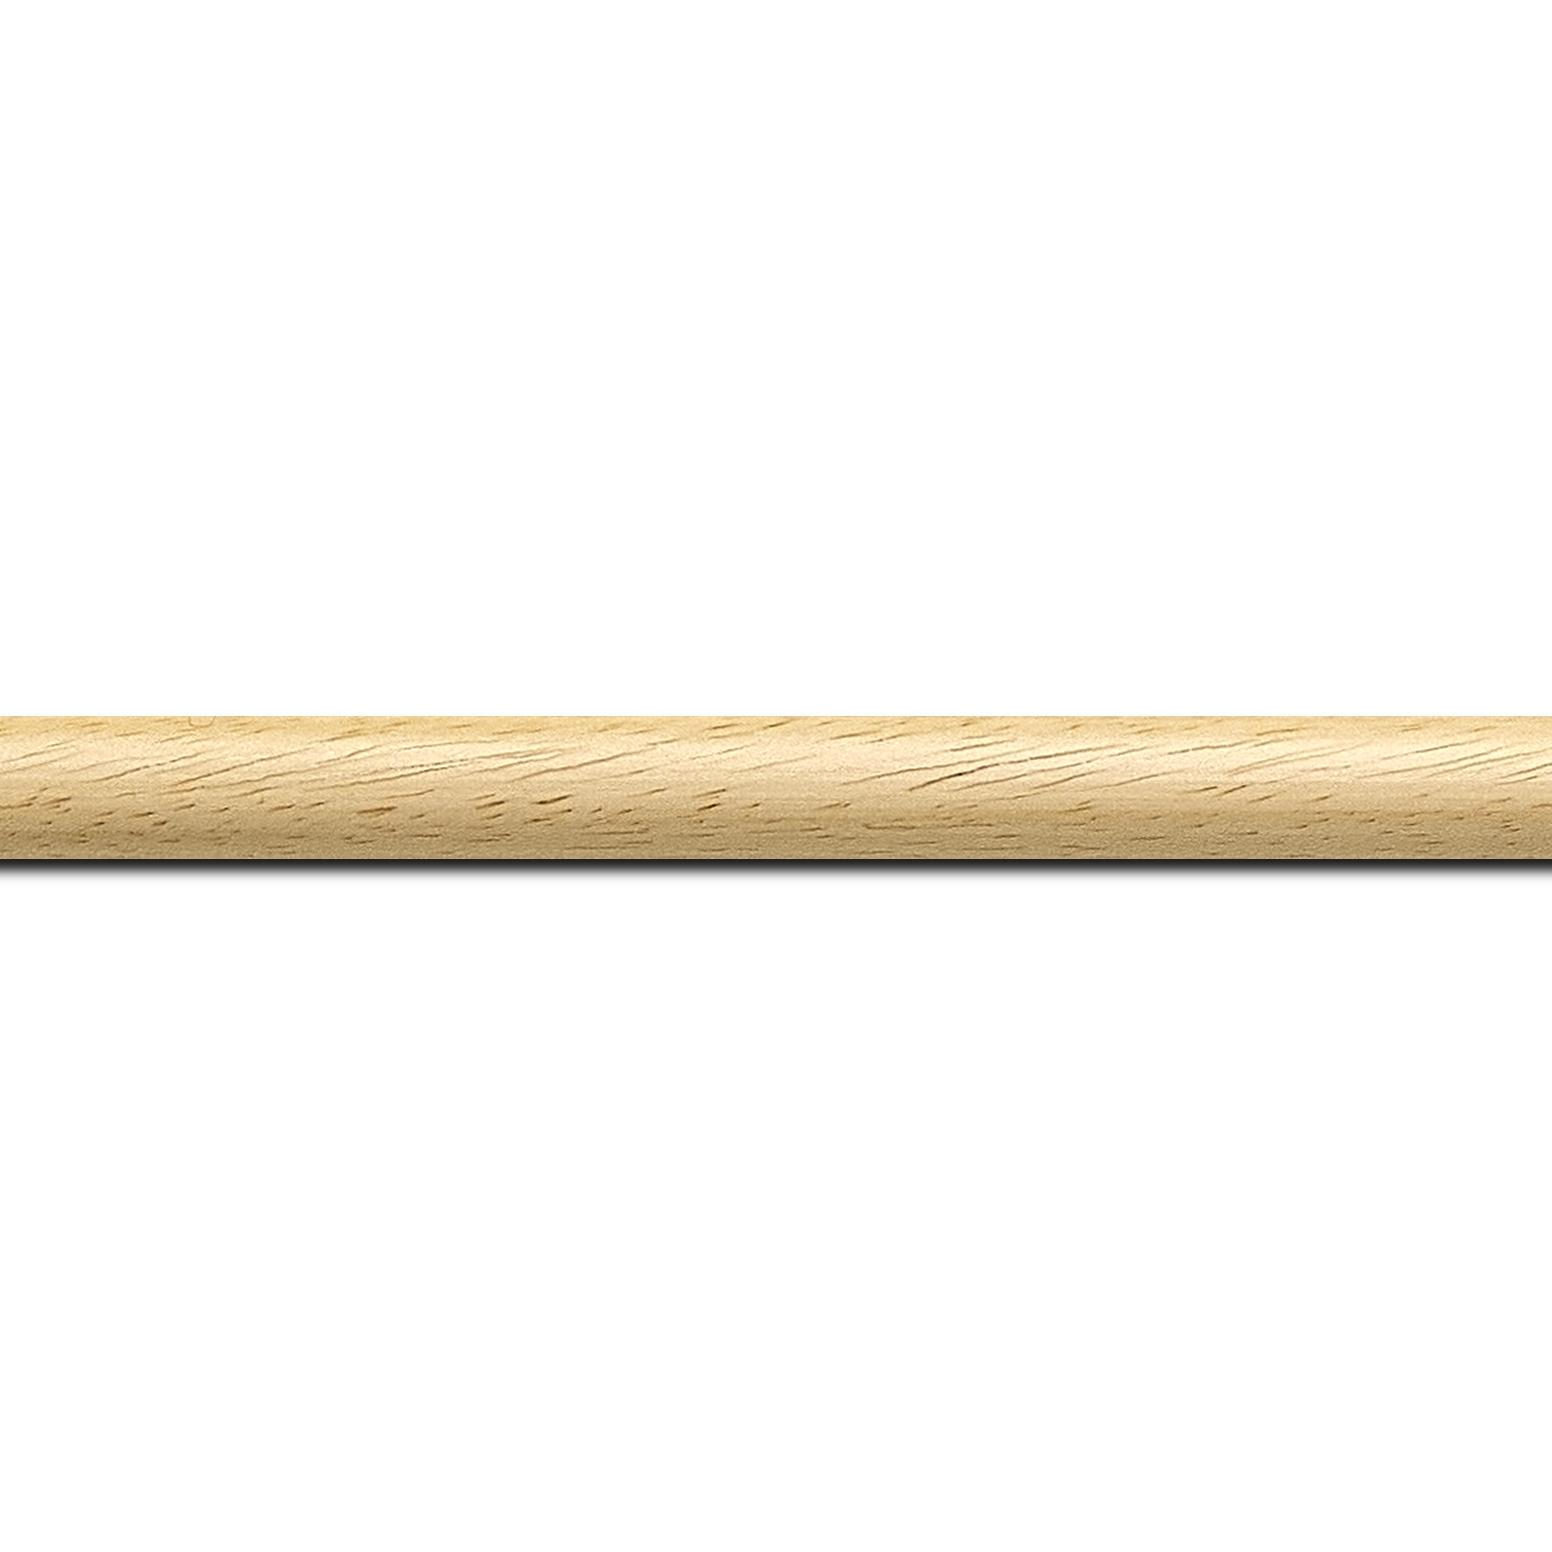 Baguette longueur 1.40m bois profil demi rond largeur 1.5cm couleur naturel satiné